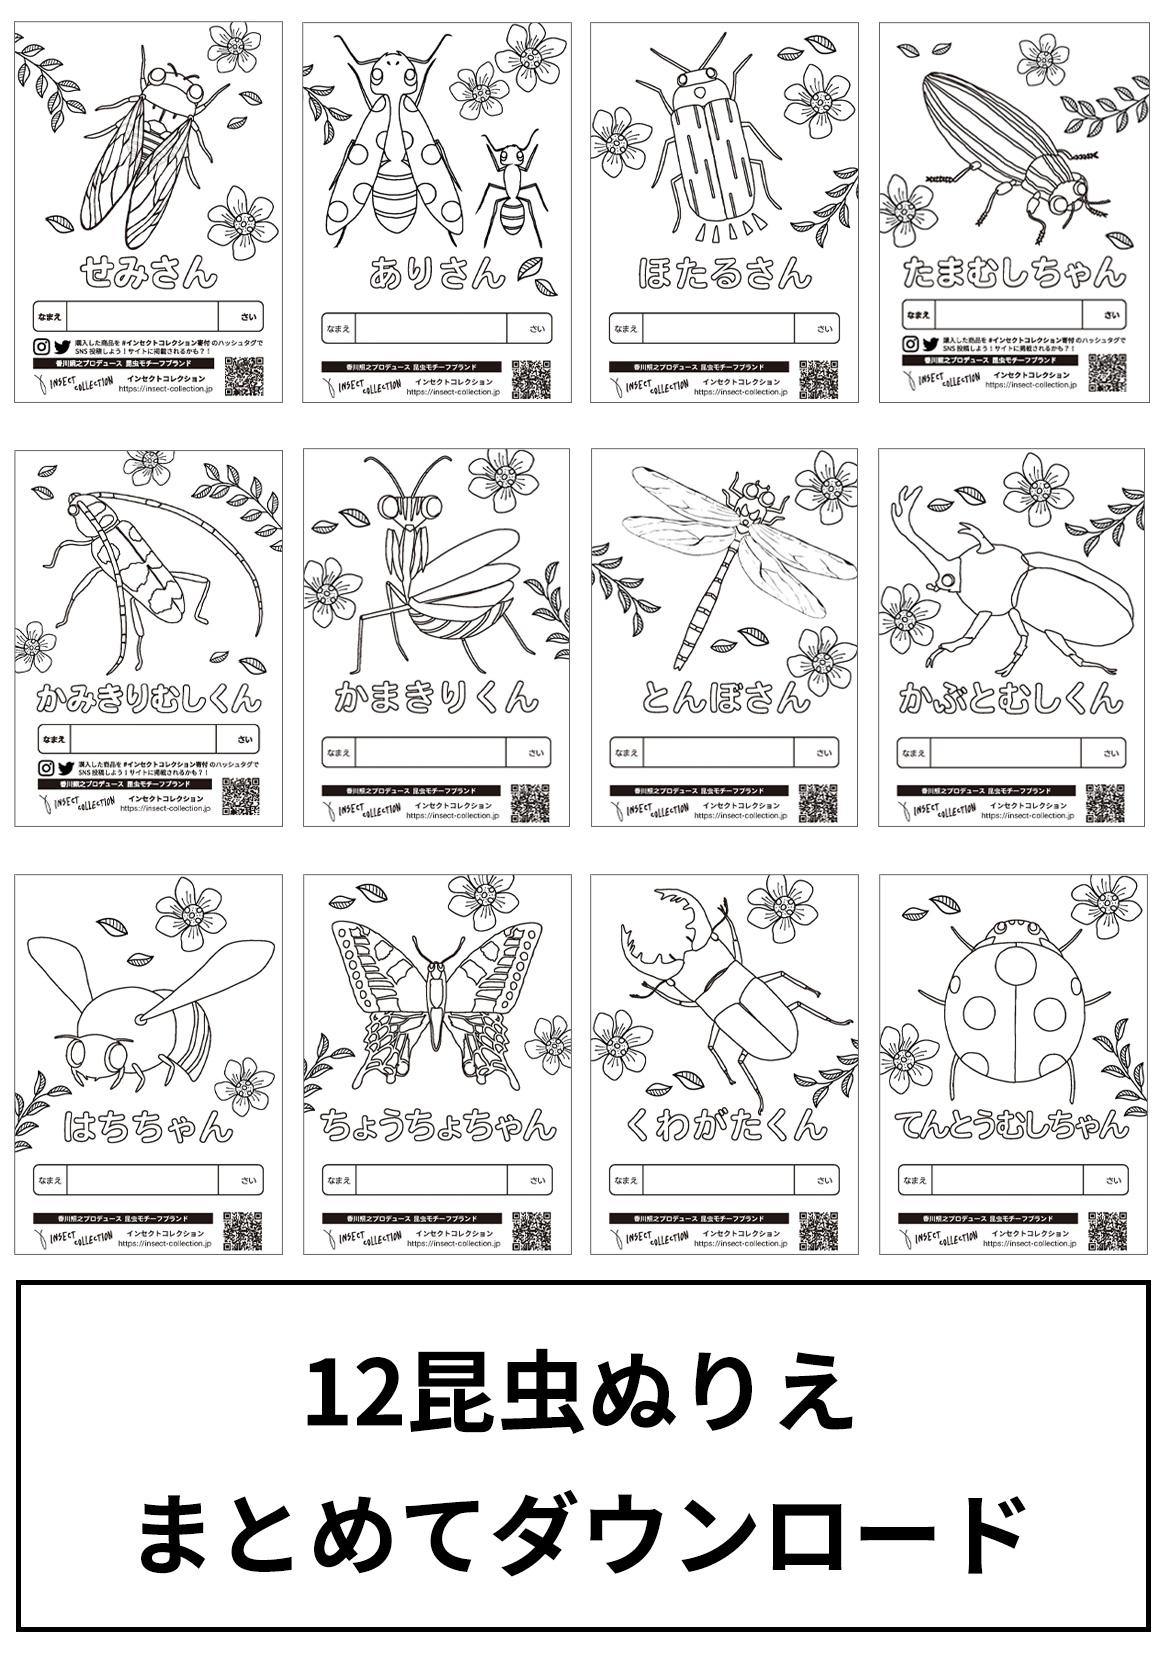 昆虫12種 無料ぬりえ